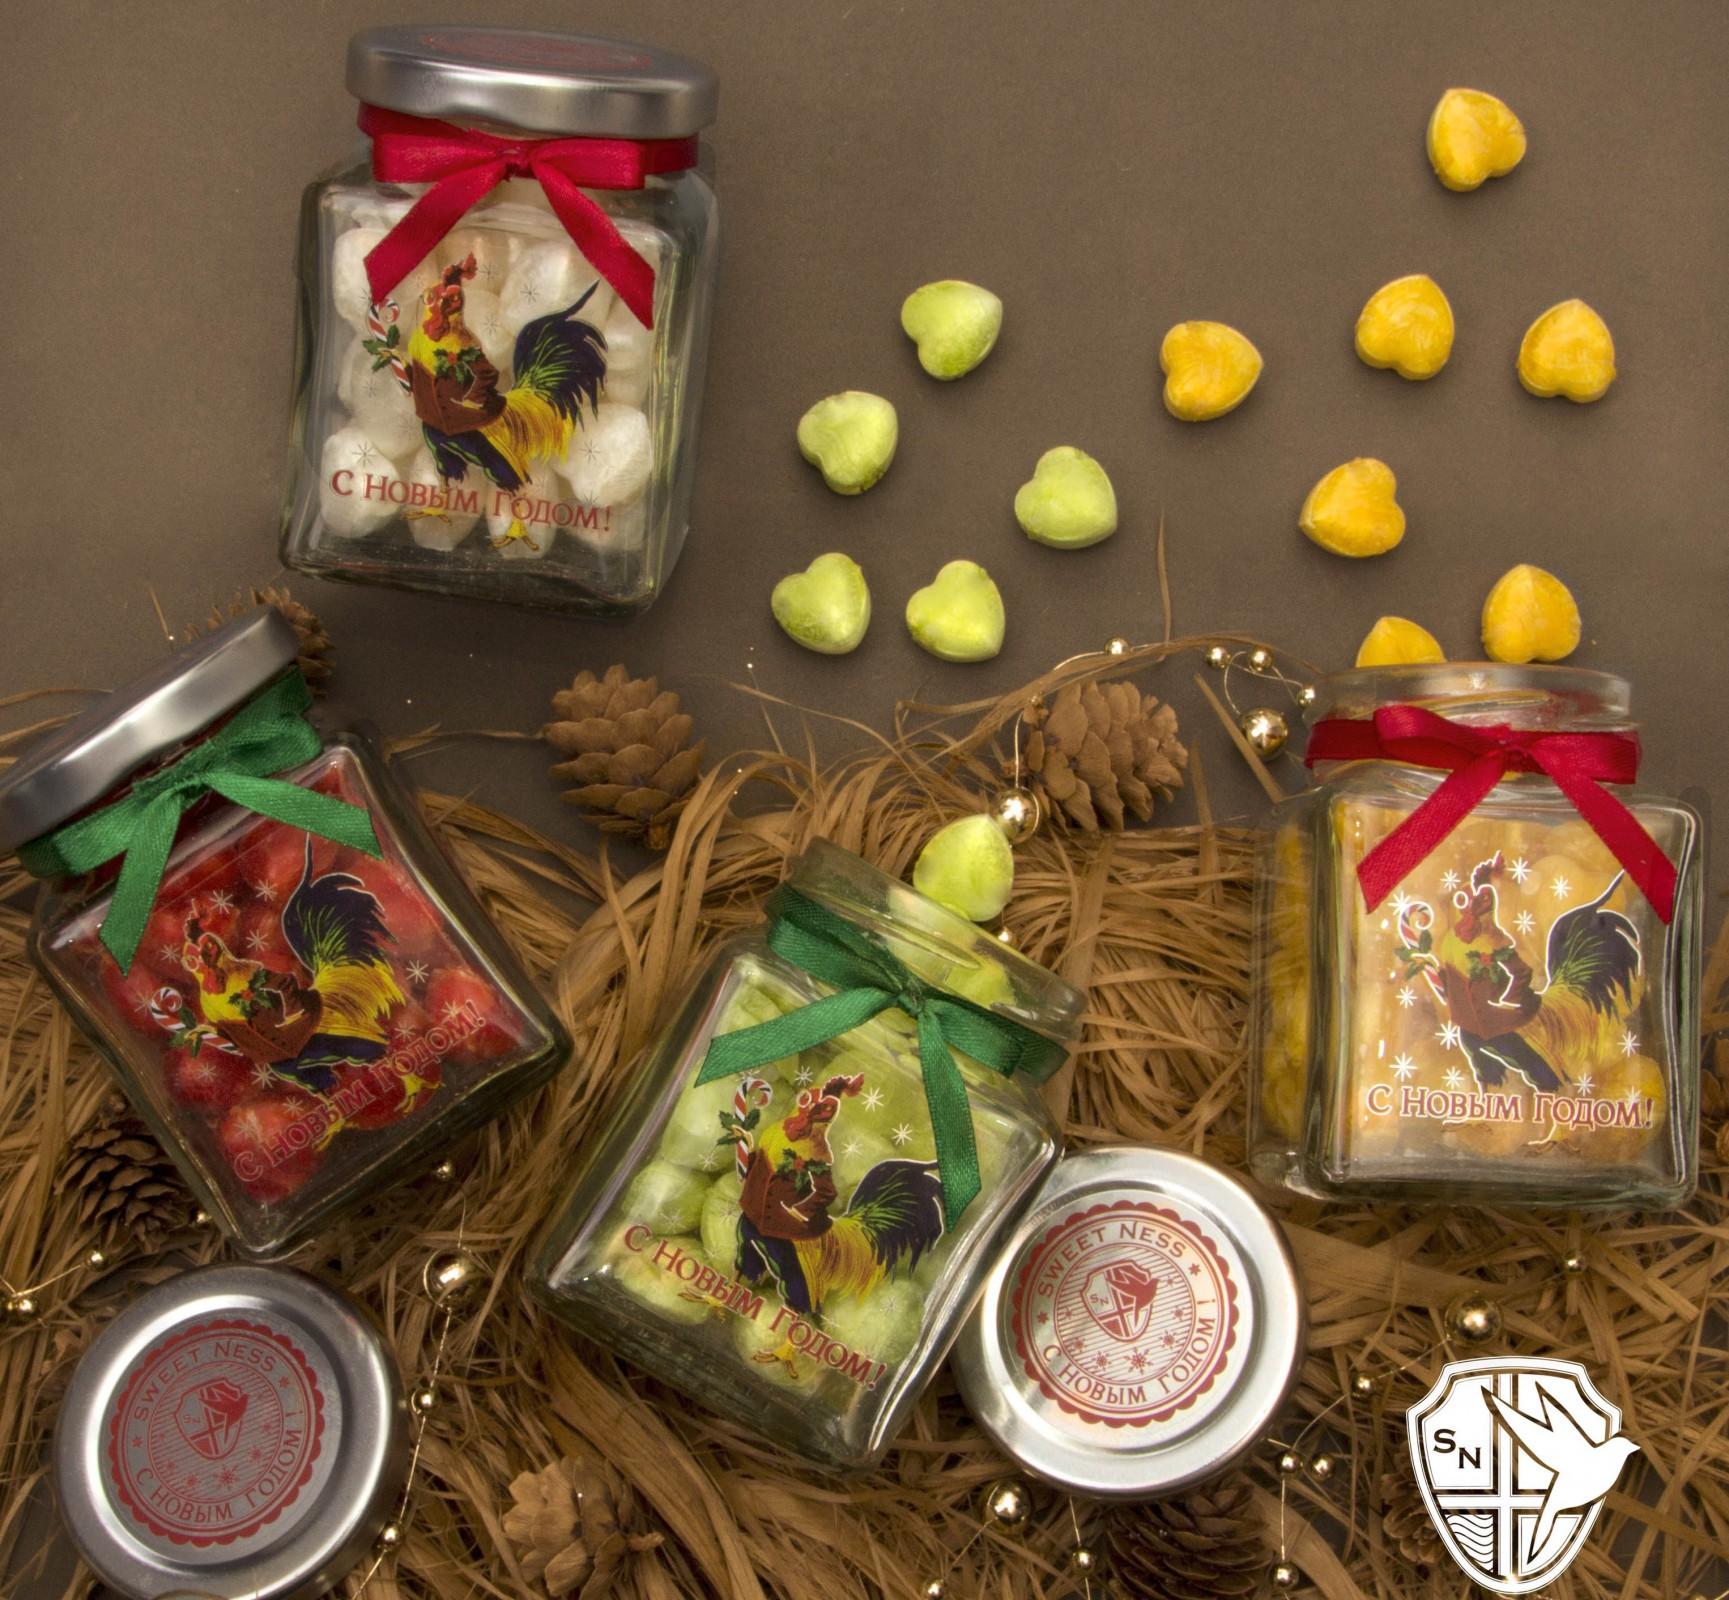 Еда для развлечения - леденцы, мармелад, жевательные резинки, конфеты Jelly Belly и Toxic Waste. Есть новогодний ассортимент! Выкуп 2